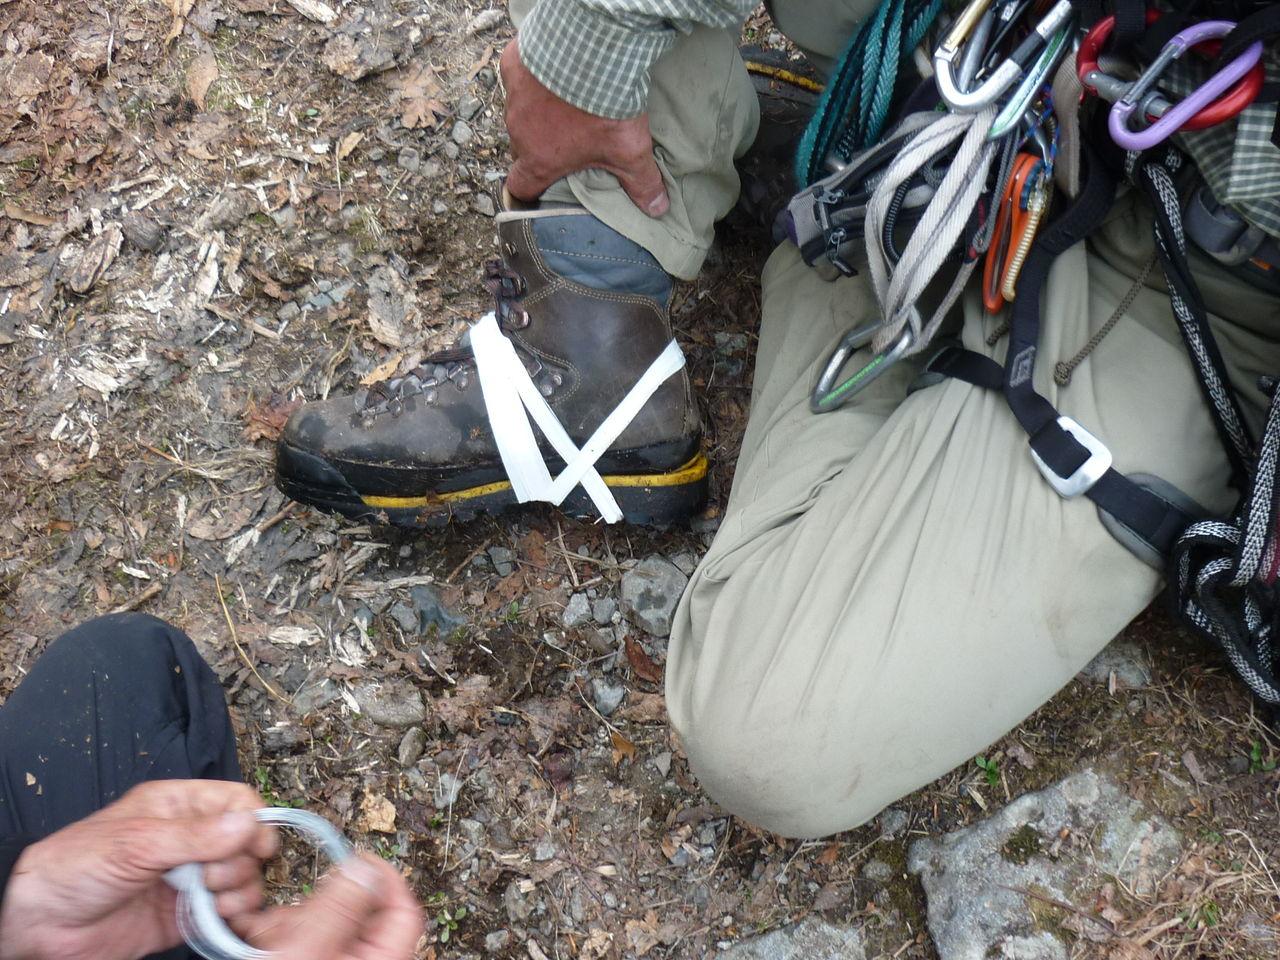 幽ノ沢左俣中央ルンゼ登攀終了後、堅炭尾根から芝倉沢を下山して出合に着いた時に西脇氏の登山靴のソールが剥がれたので、応急処置(針金0.3mm・テープ)